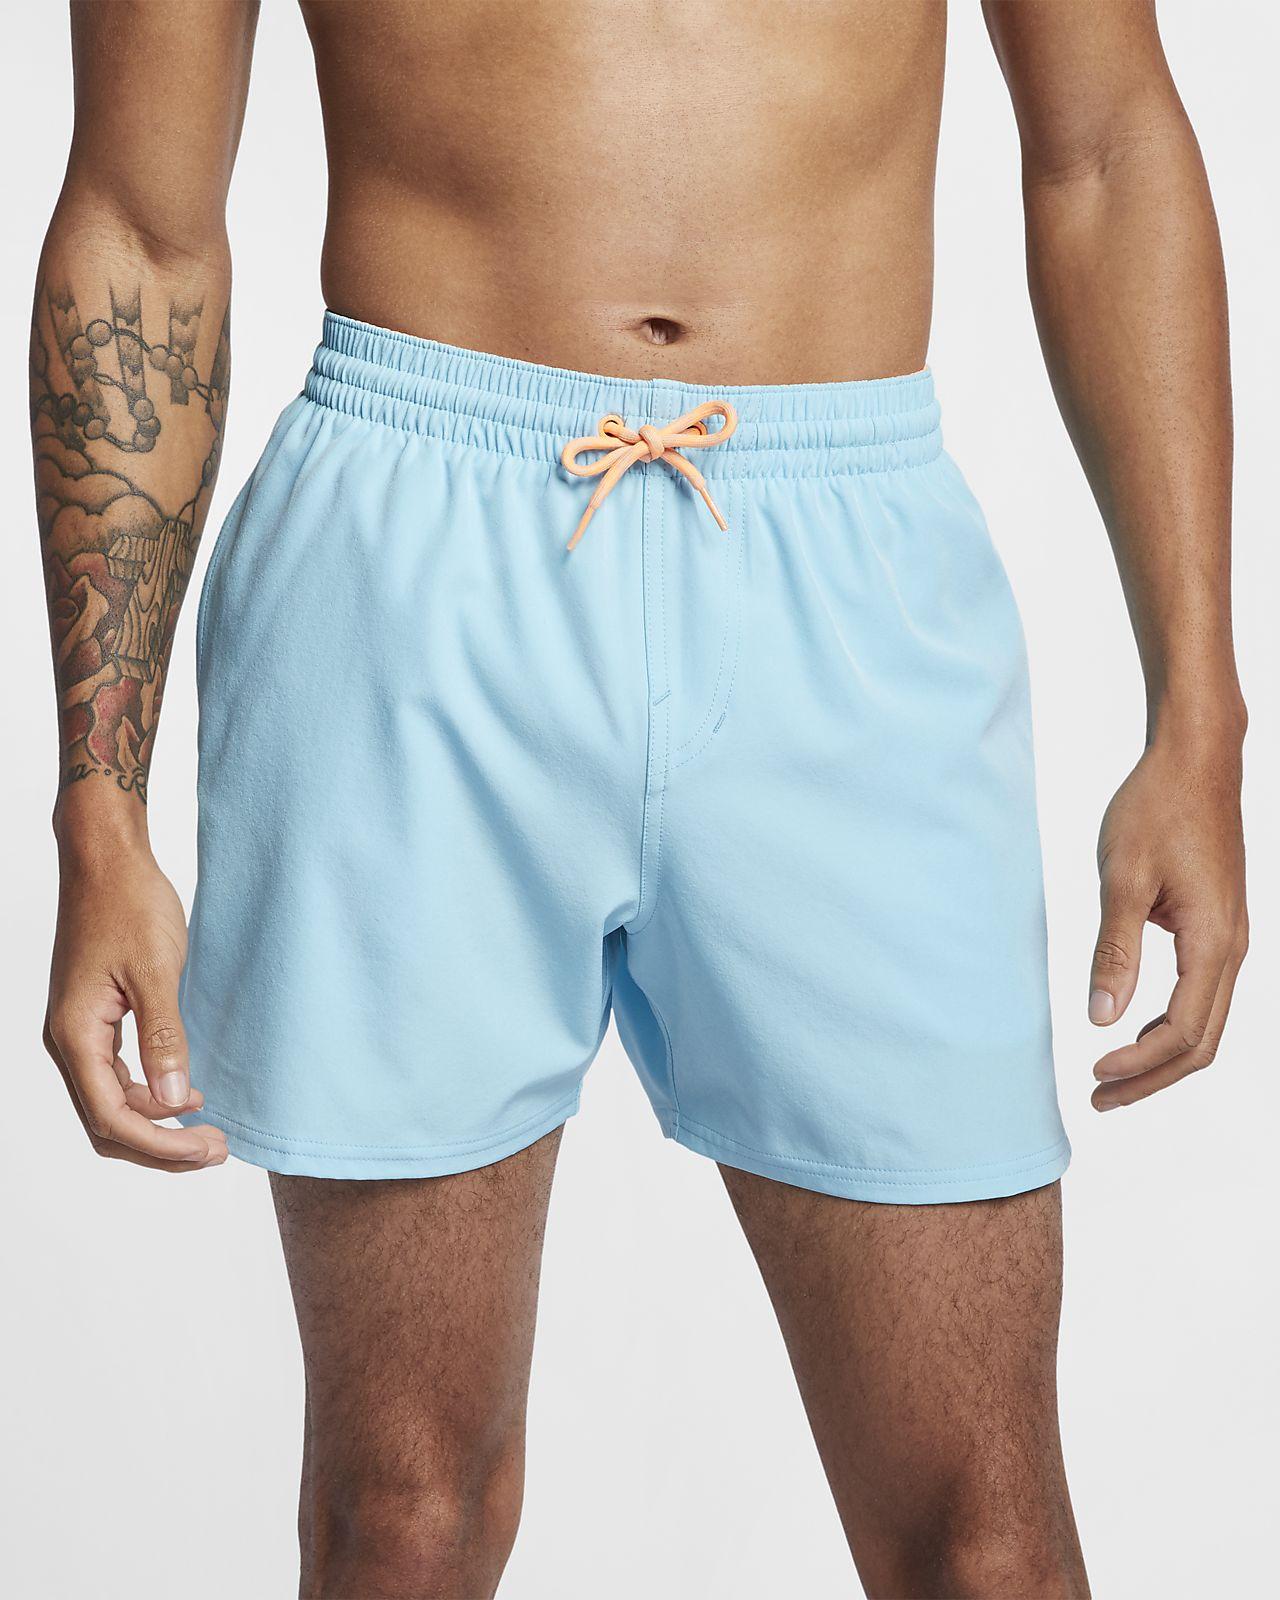 Nike Swim Retro Stripe Lap-badebukser (13 cm) til mænd